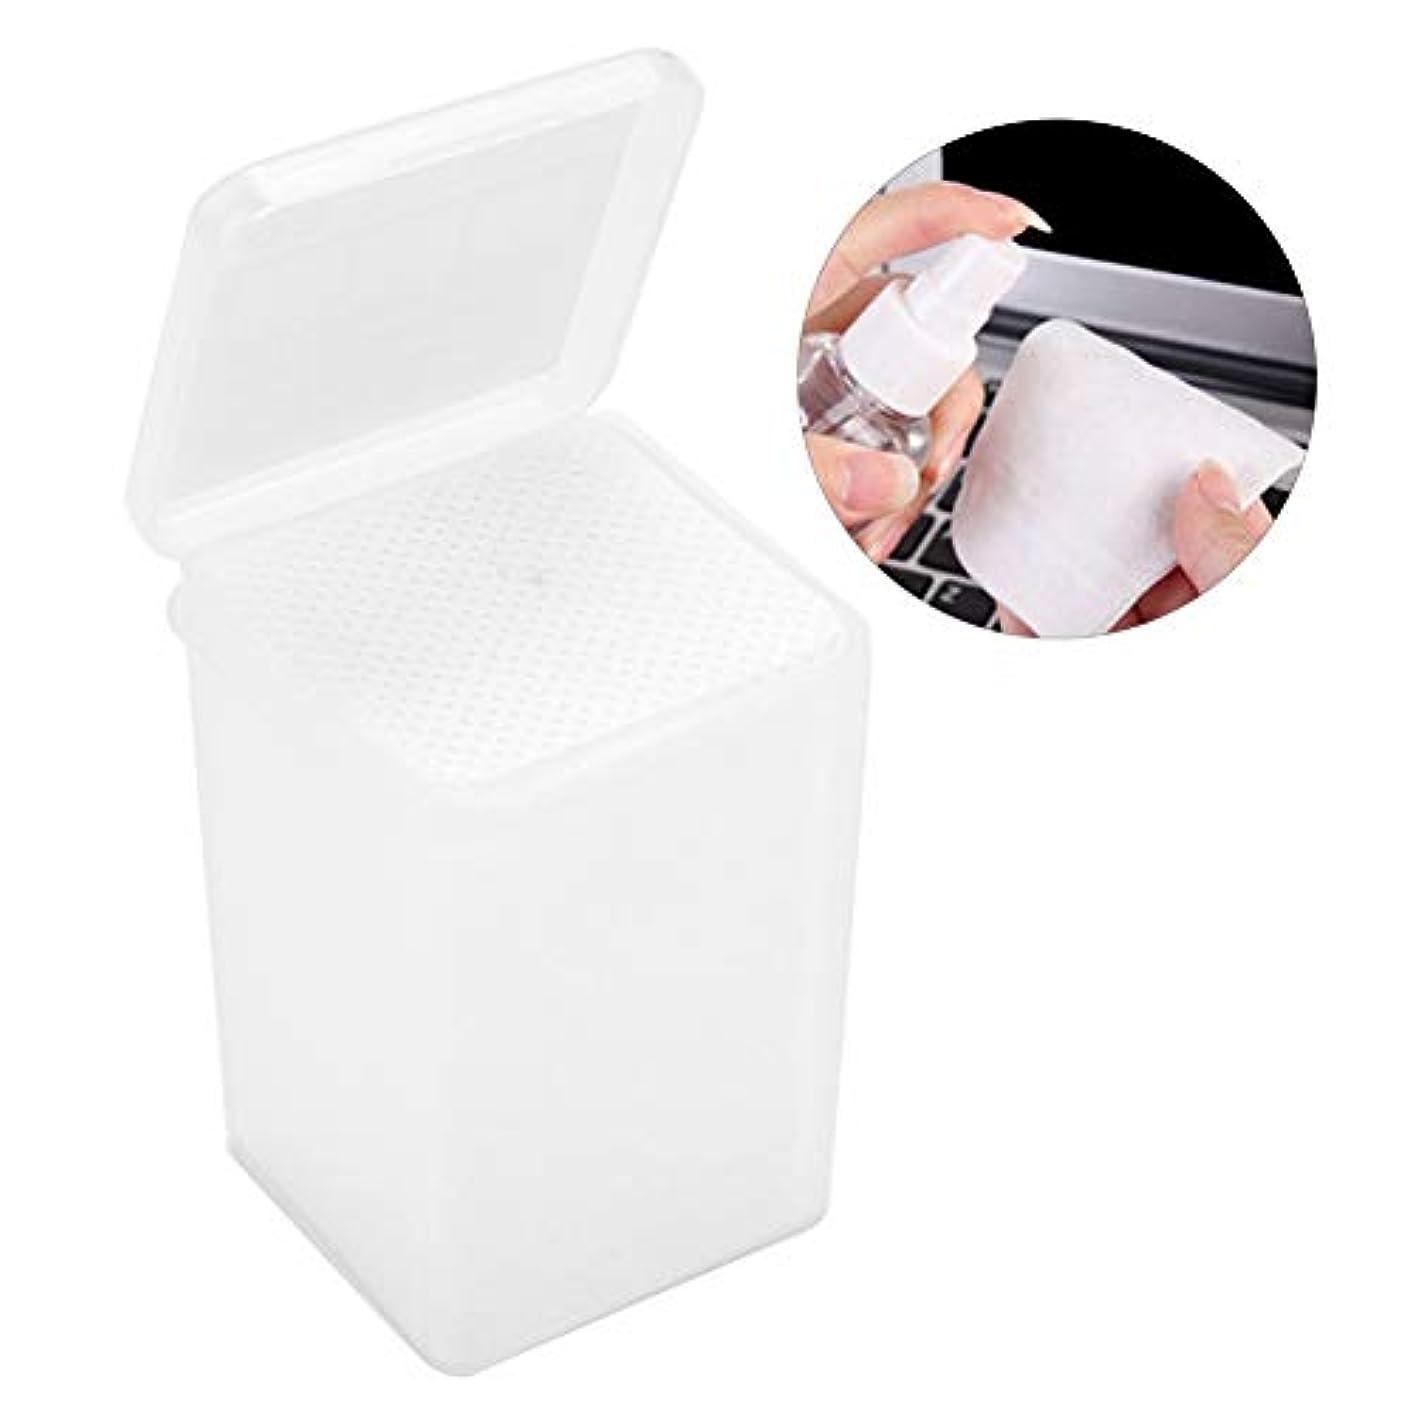 ベルト紳士他の日拡大 接着剤のワイプ 不織布の接着剤のびん クリーニングのワイプの取り外しのための180個のまつげ延長パッド